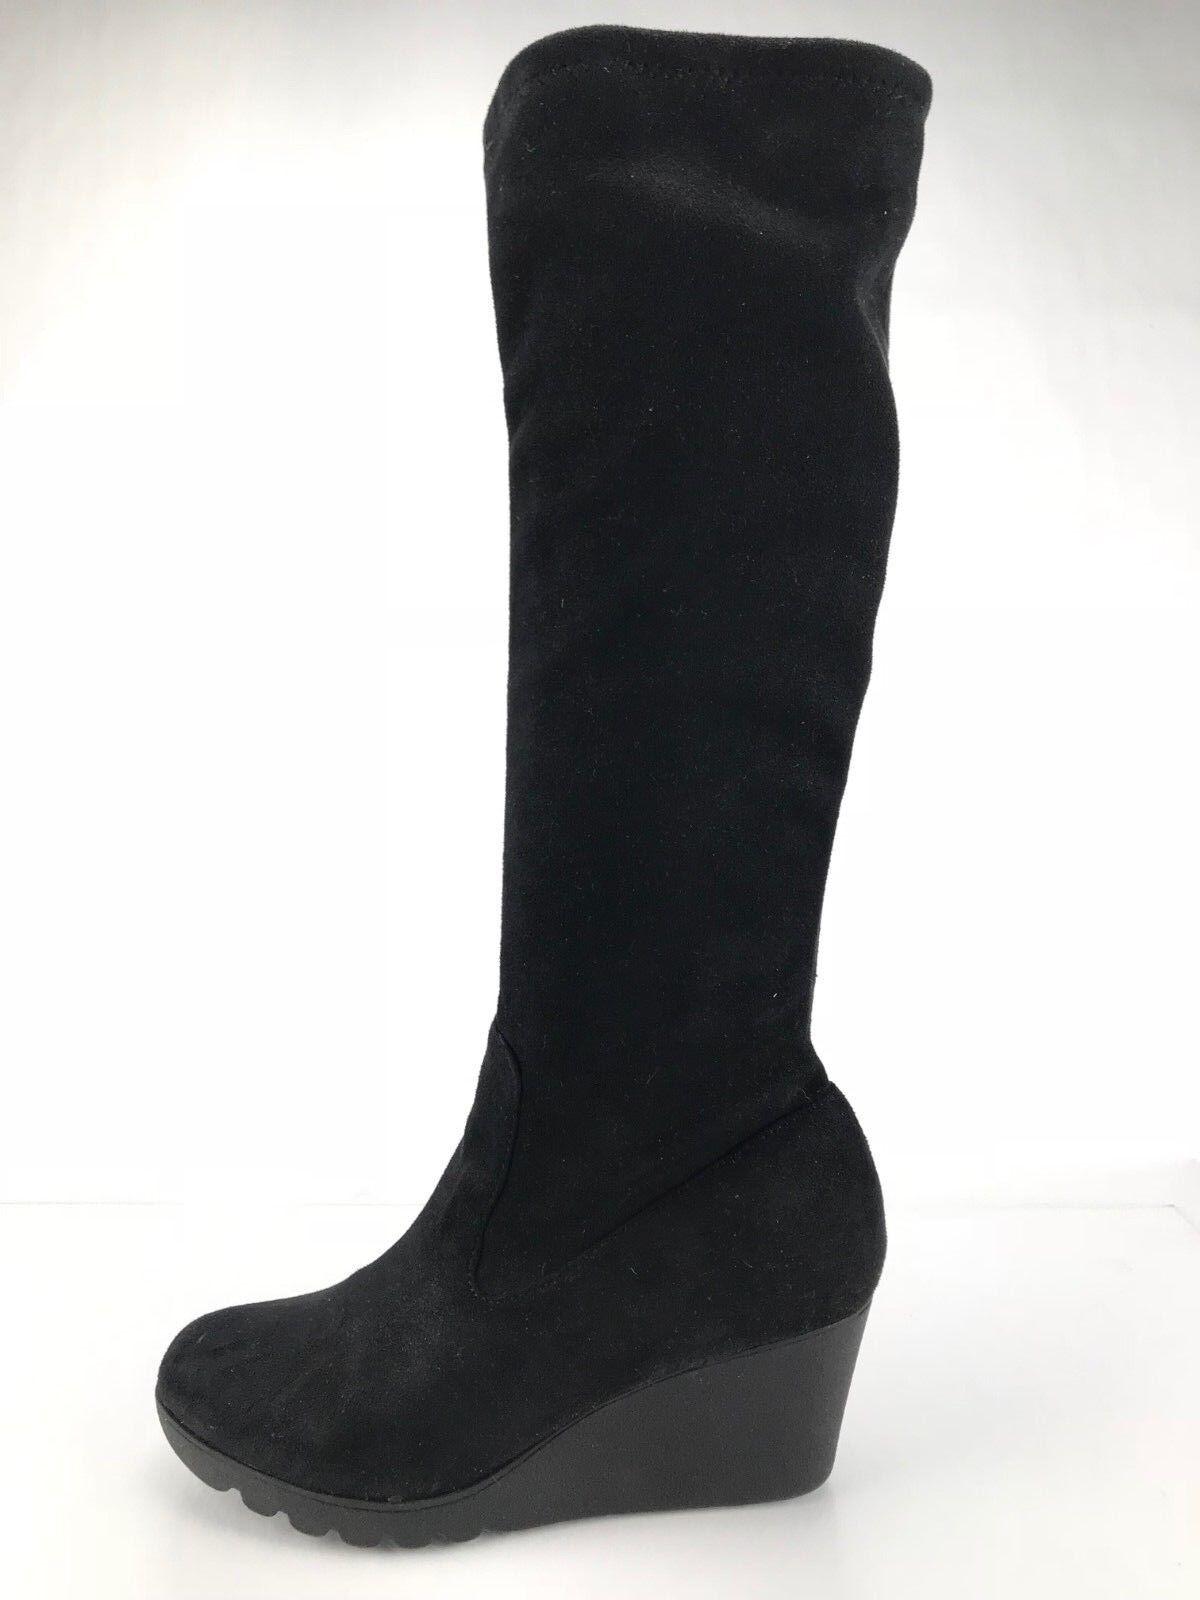 clásico atemporal Donald J Pliner Myles 2 la rodilla rodilla rodilla botas altas con tacón de cuña de mujer de moda negro Sz 6M  nuevo listado